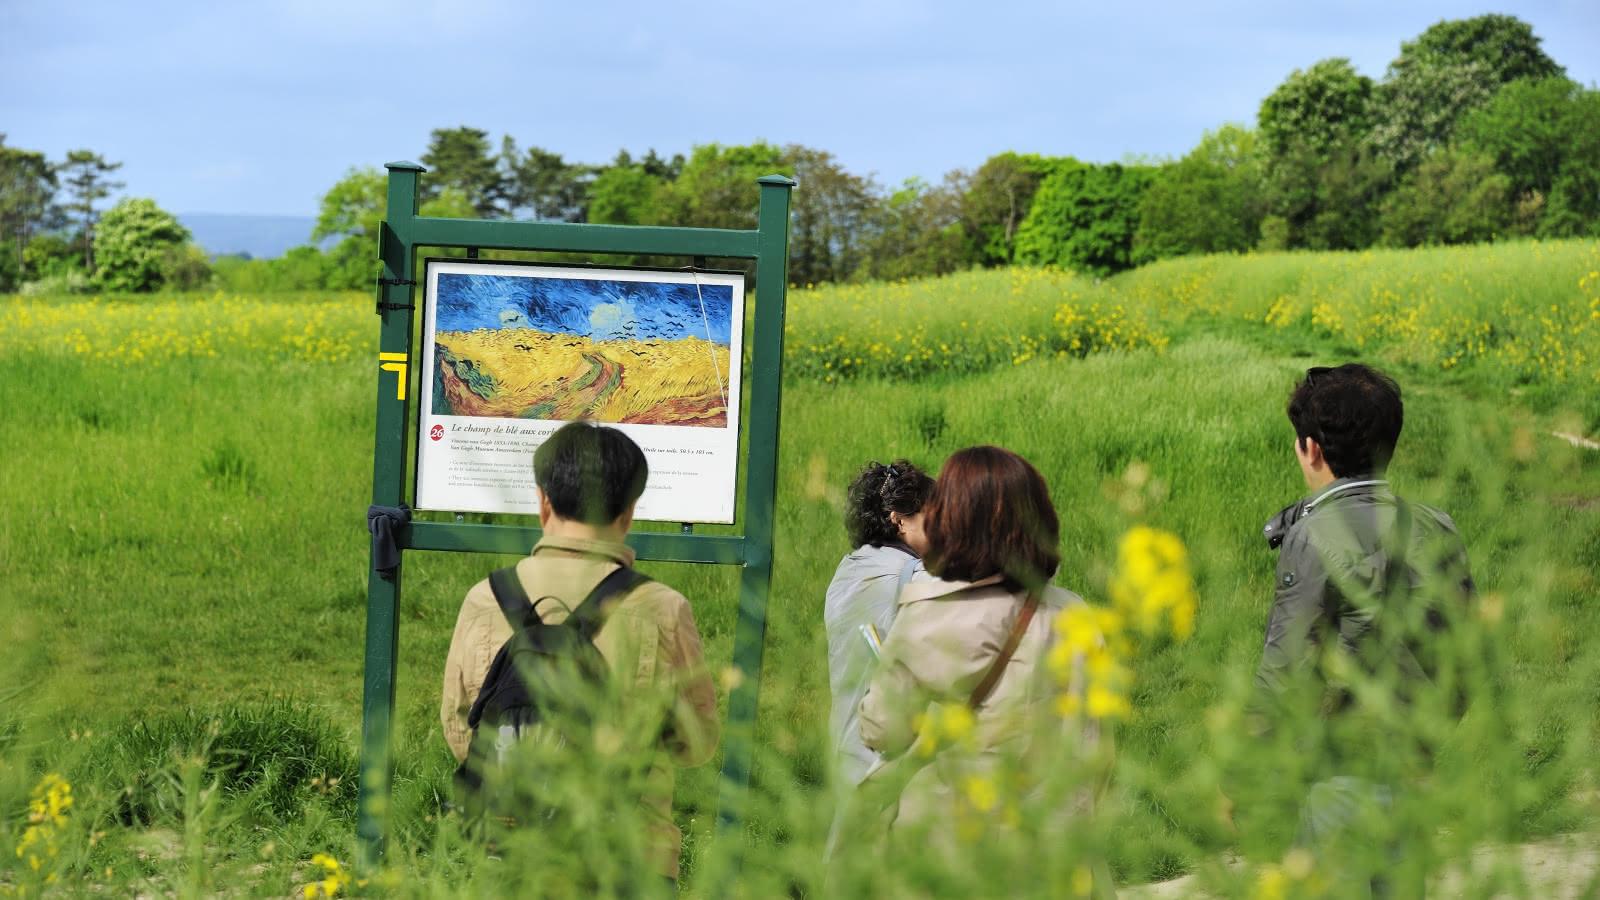 Auvers-sur-Oise, touriste chinois sur le chemin des Impressionnistes, devant les pancartes des peintures de Van Gogh se trouvant sur le parcours. Auvers-sur-Oise 2015.